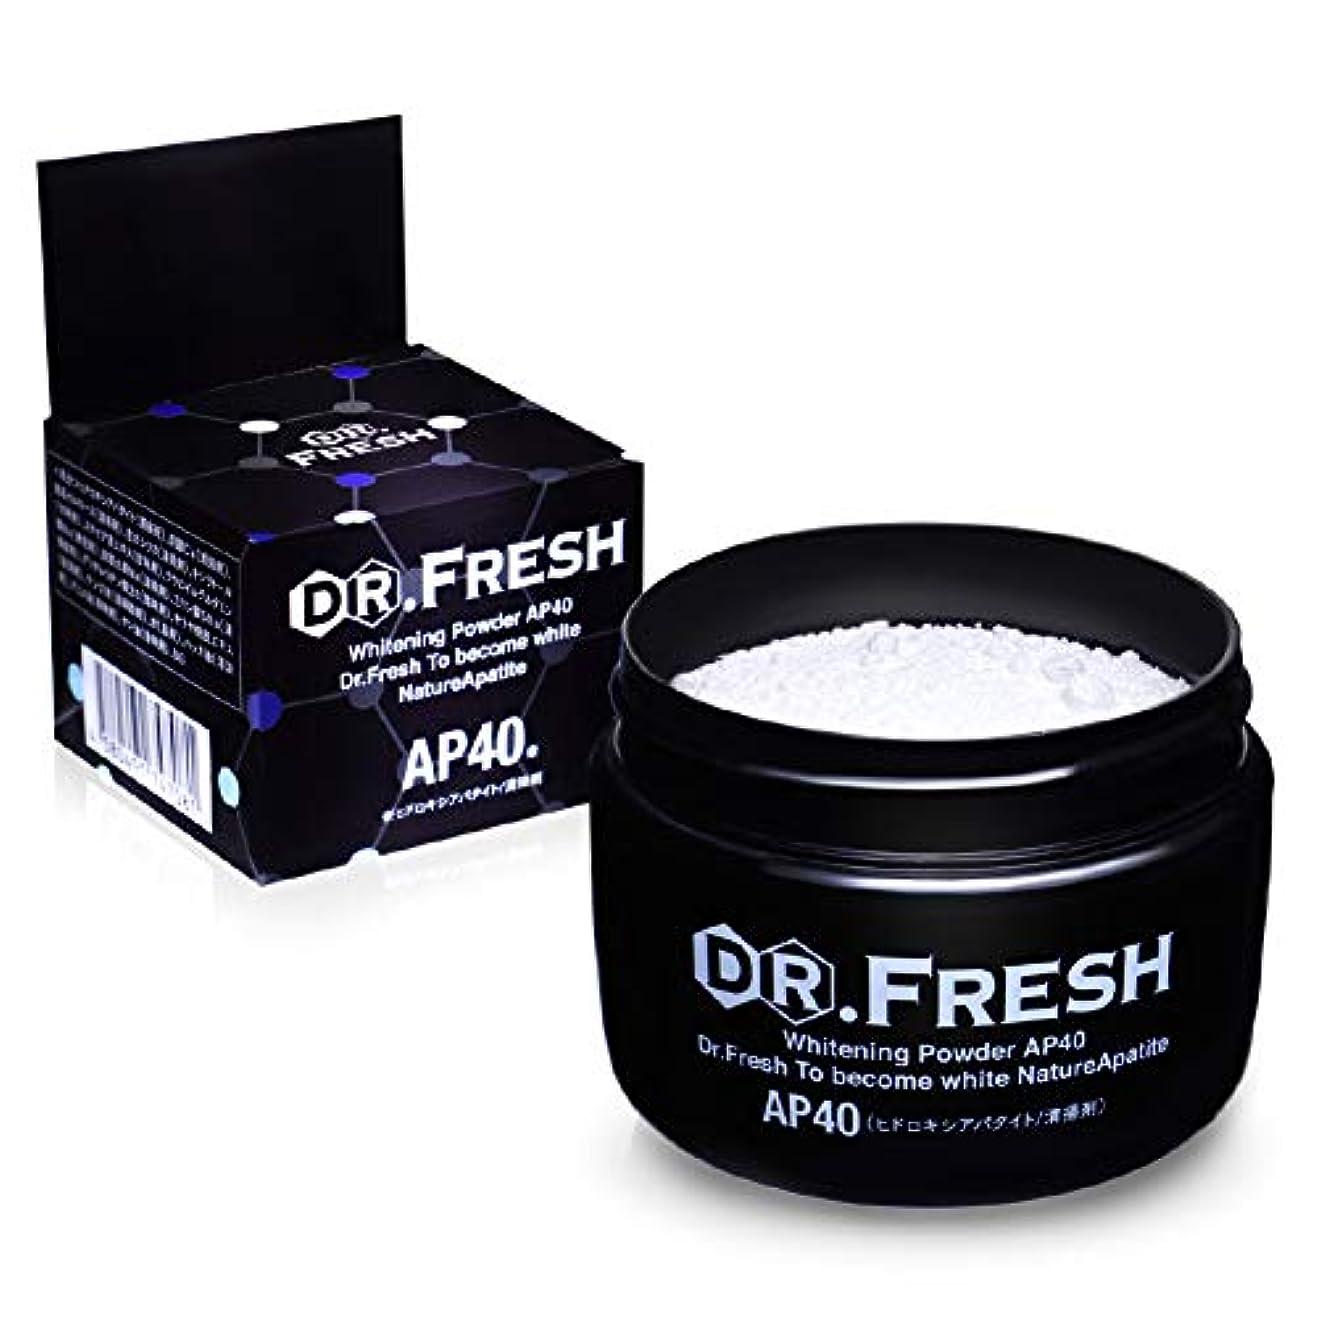 母シンプトン販売員Dr.Fresh(ドクターフレッシュ) ホワイトニングパウダー 特許成分の天然コーラルアパタイト配合